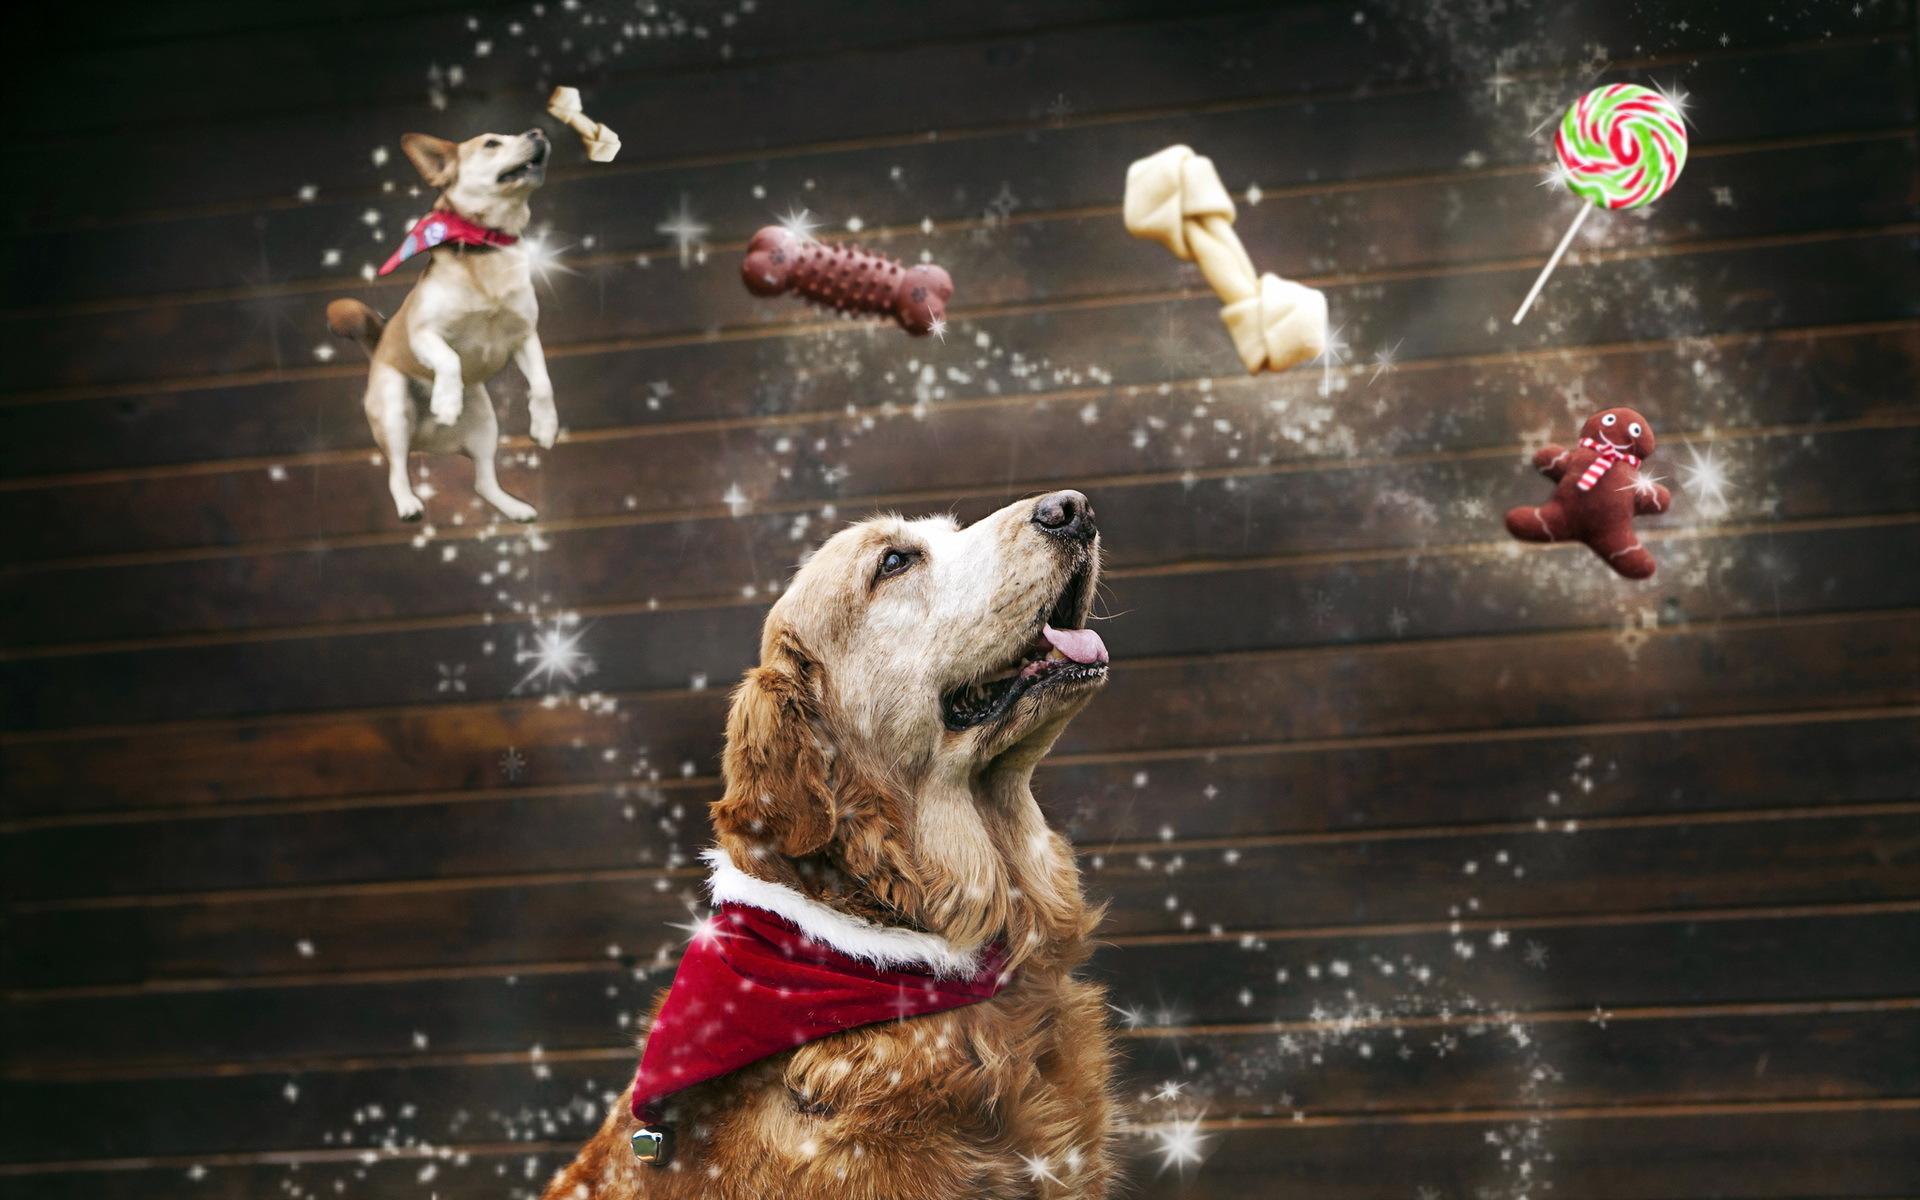 собака гирльянда скачать